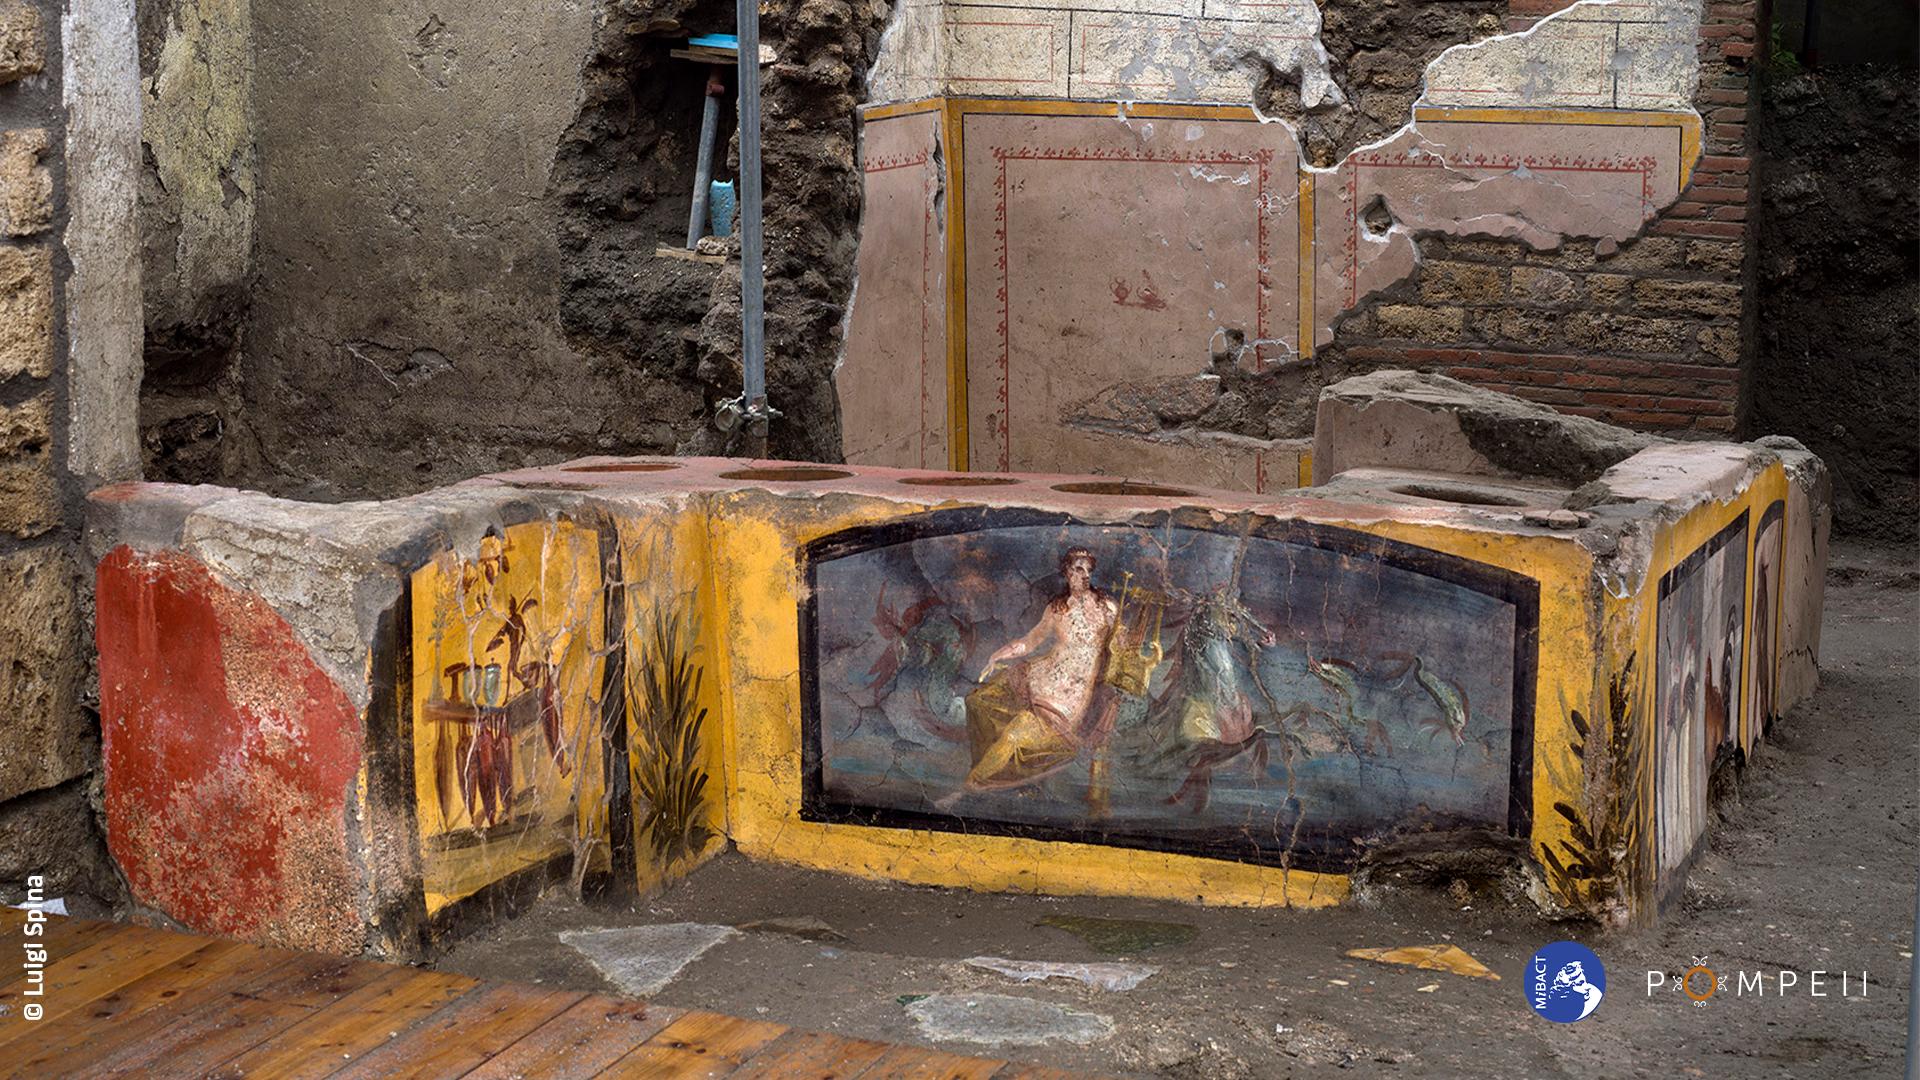 Cibo di strada ante litteram. Tracce di alimenti nei recipienti del Termopolio nel Parco archeologico di Pompei